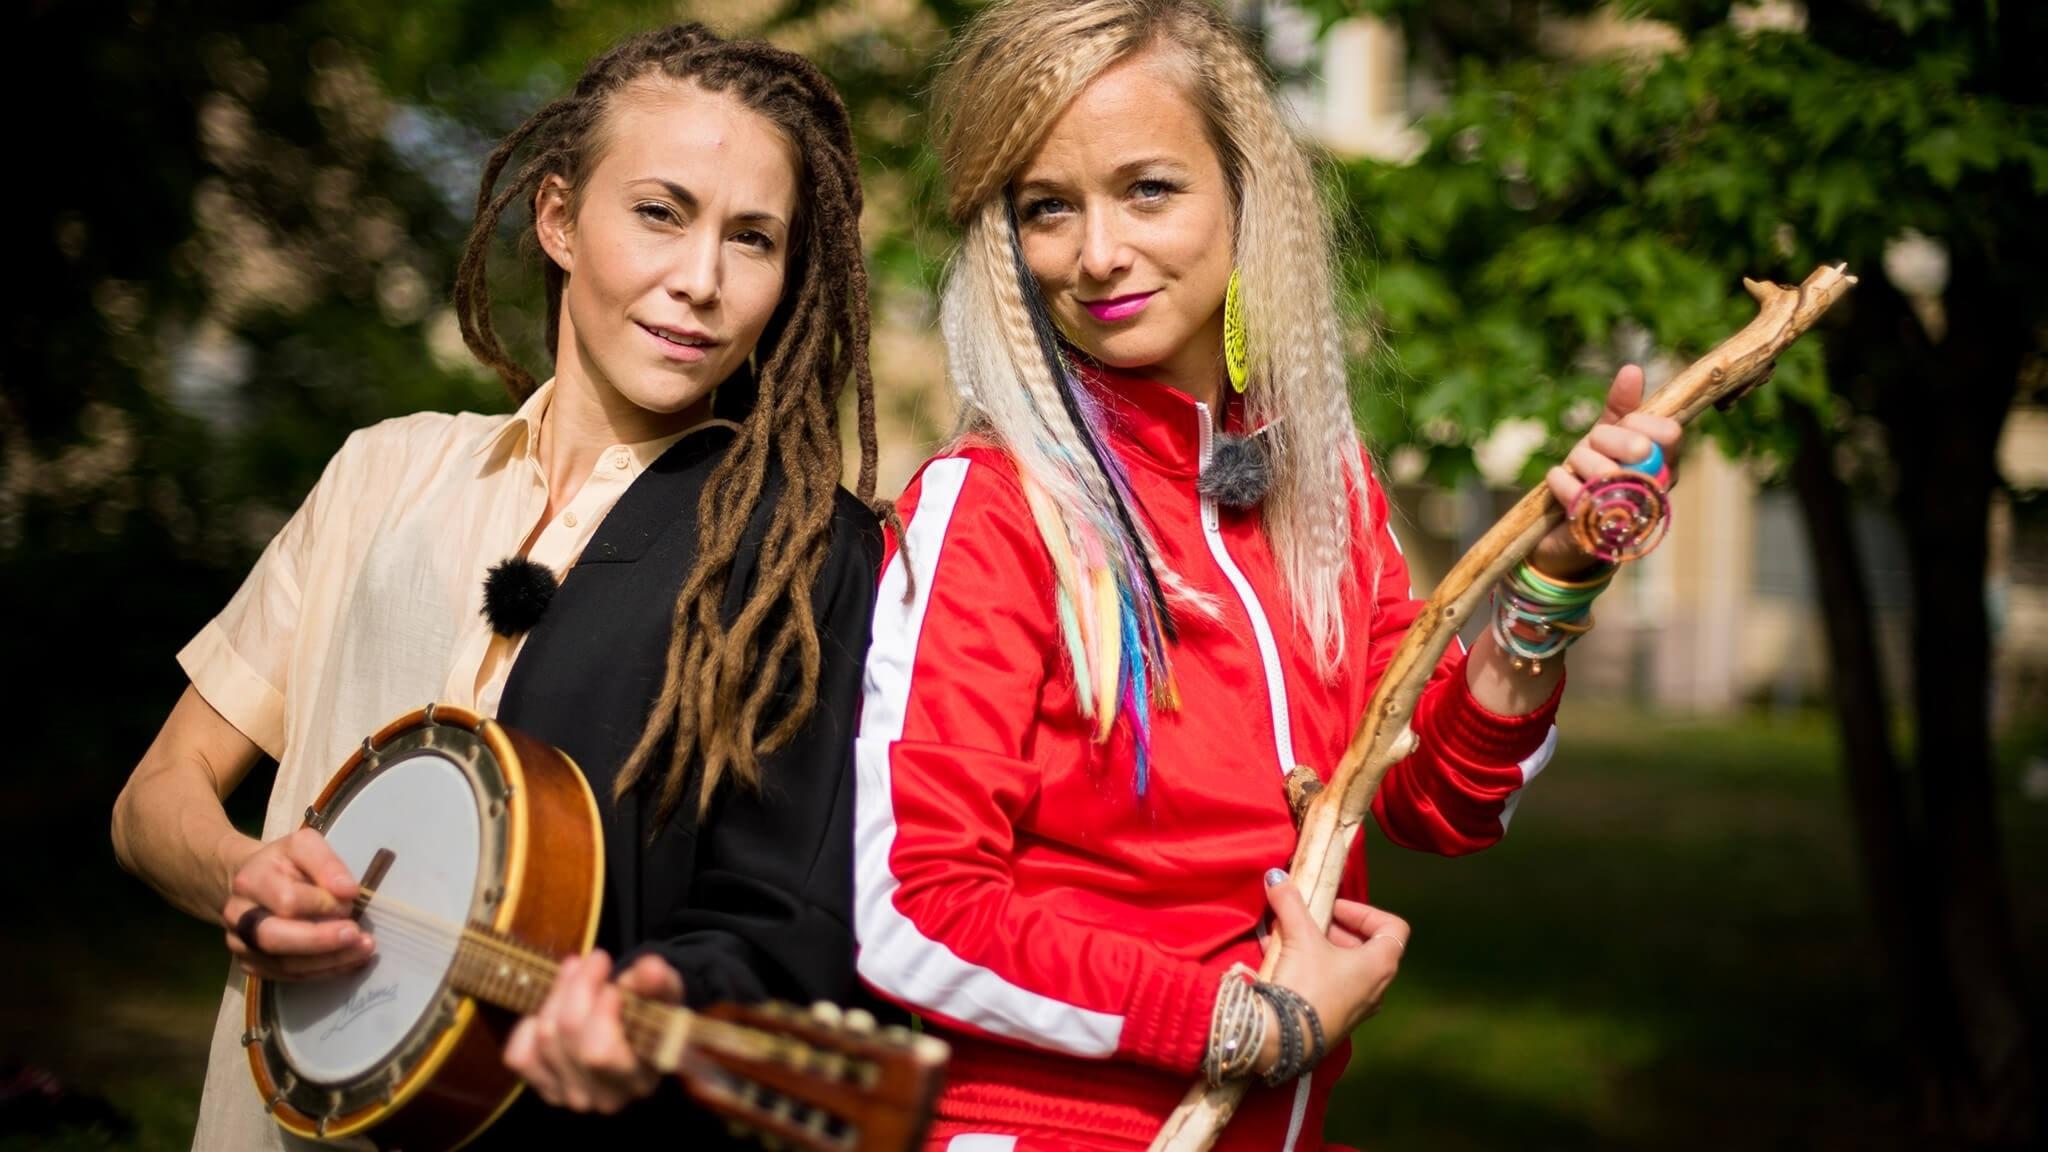 Mariette spelar på en mandolin, Amelie låtsas spela på en träpinne. De står ute i vildmarken.